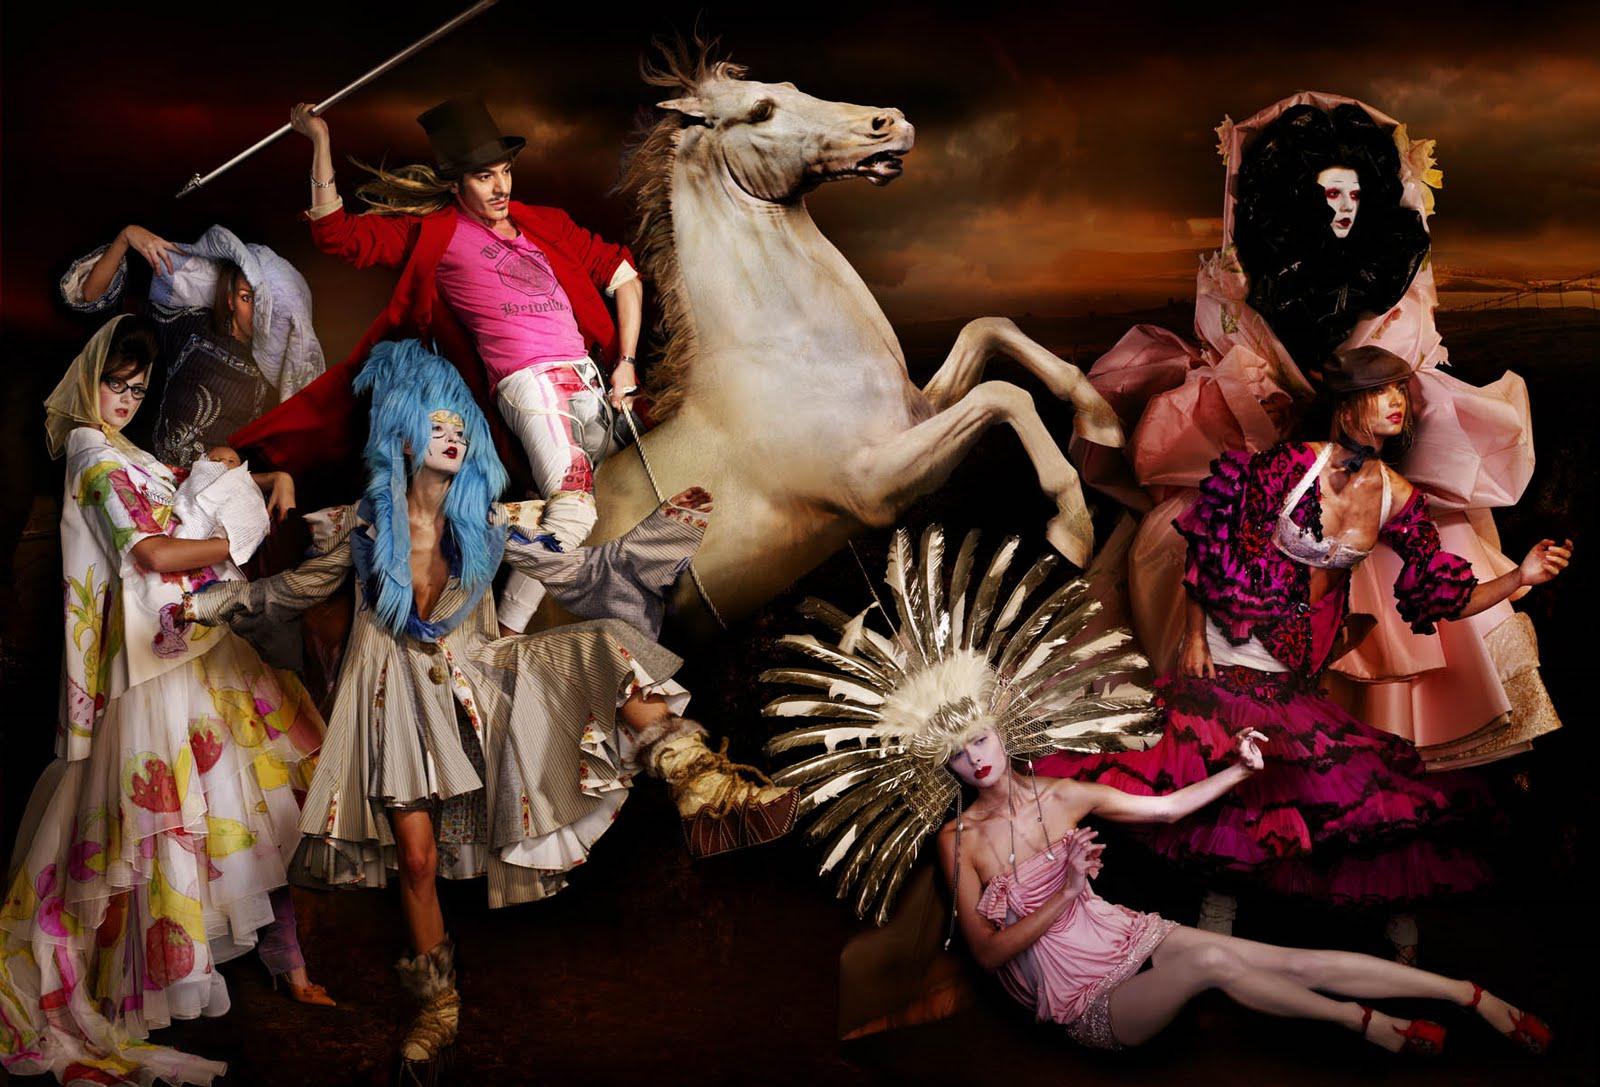 http://4.bp.blogspot.com/-BOK2paLtOoM/T_SgCoKe8uI/AAAAAAAAAK0/xKIOmwAtDlY/s1600/Galiano+Royle+by+Simon+Procter+for+Harper+Bazaar+4.jpeg